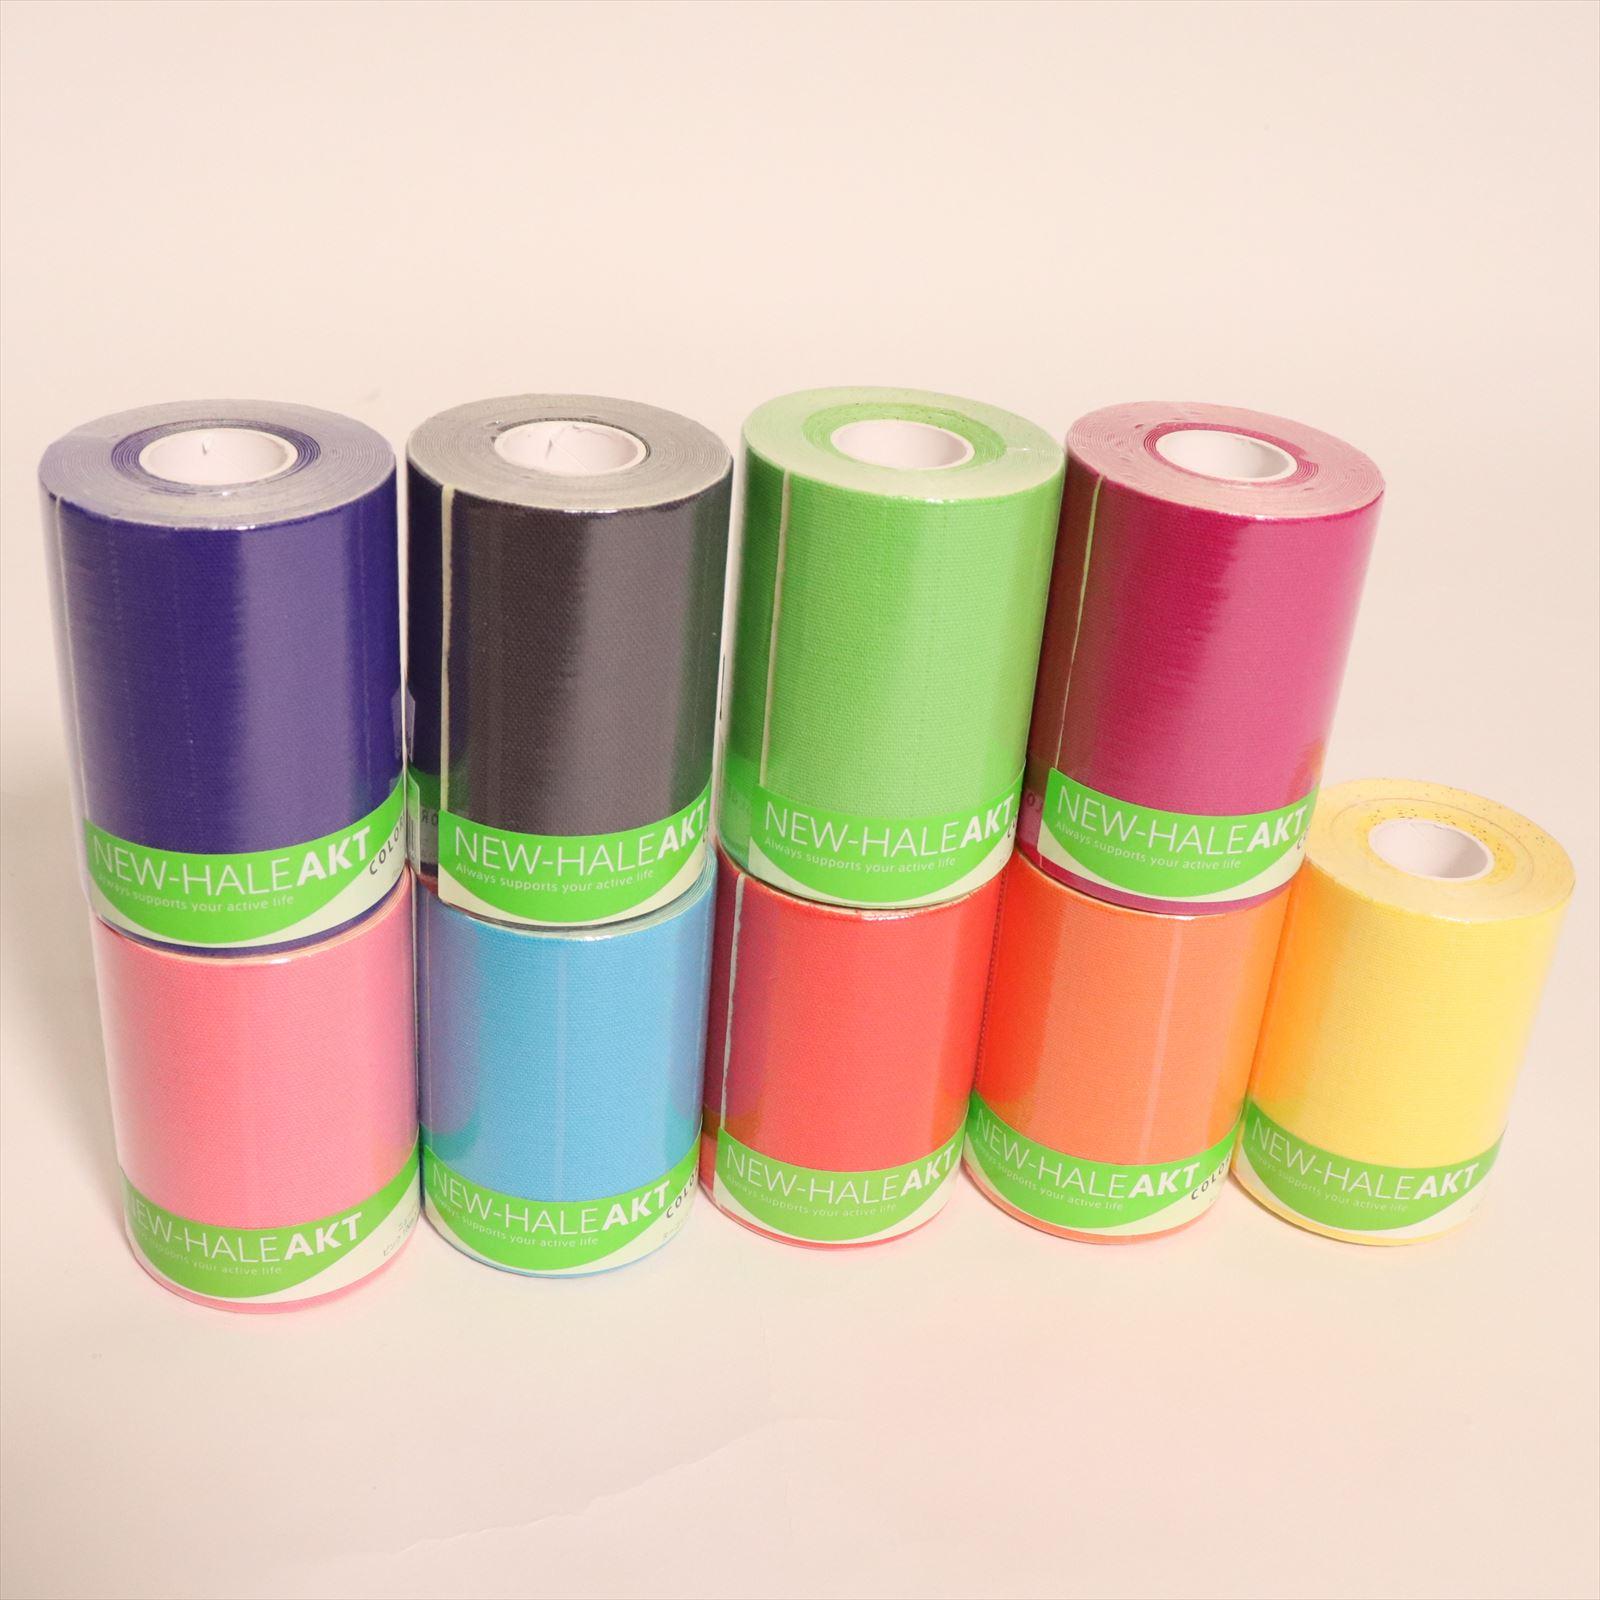 ニューハレ AKT Colors 10cm